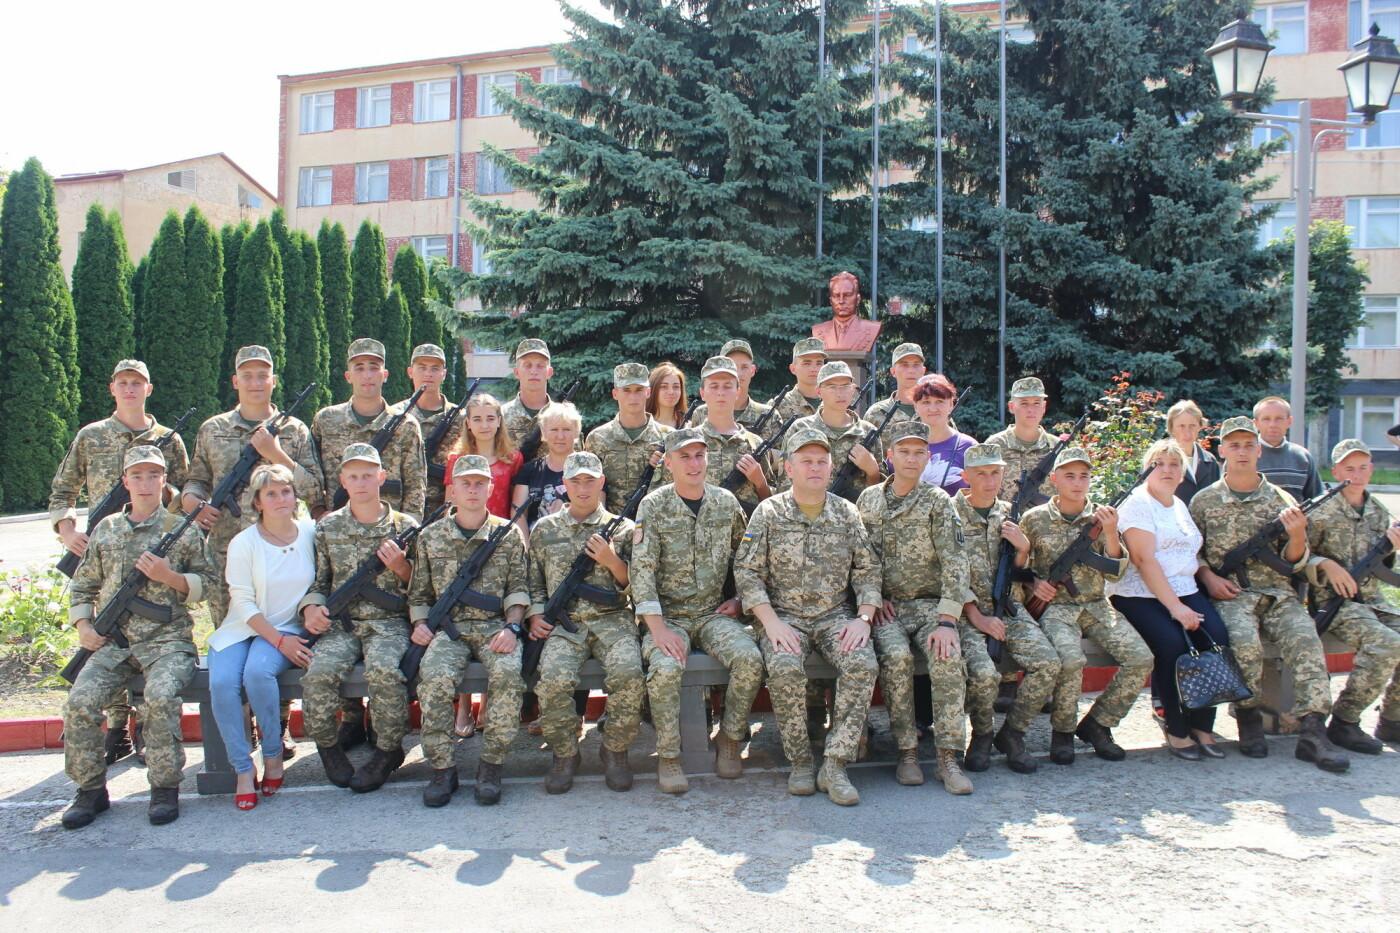 У Кам'янці 240 військовослужбовців склали присягу, фото-19, Фото: Olha Povorozniuk